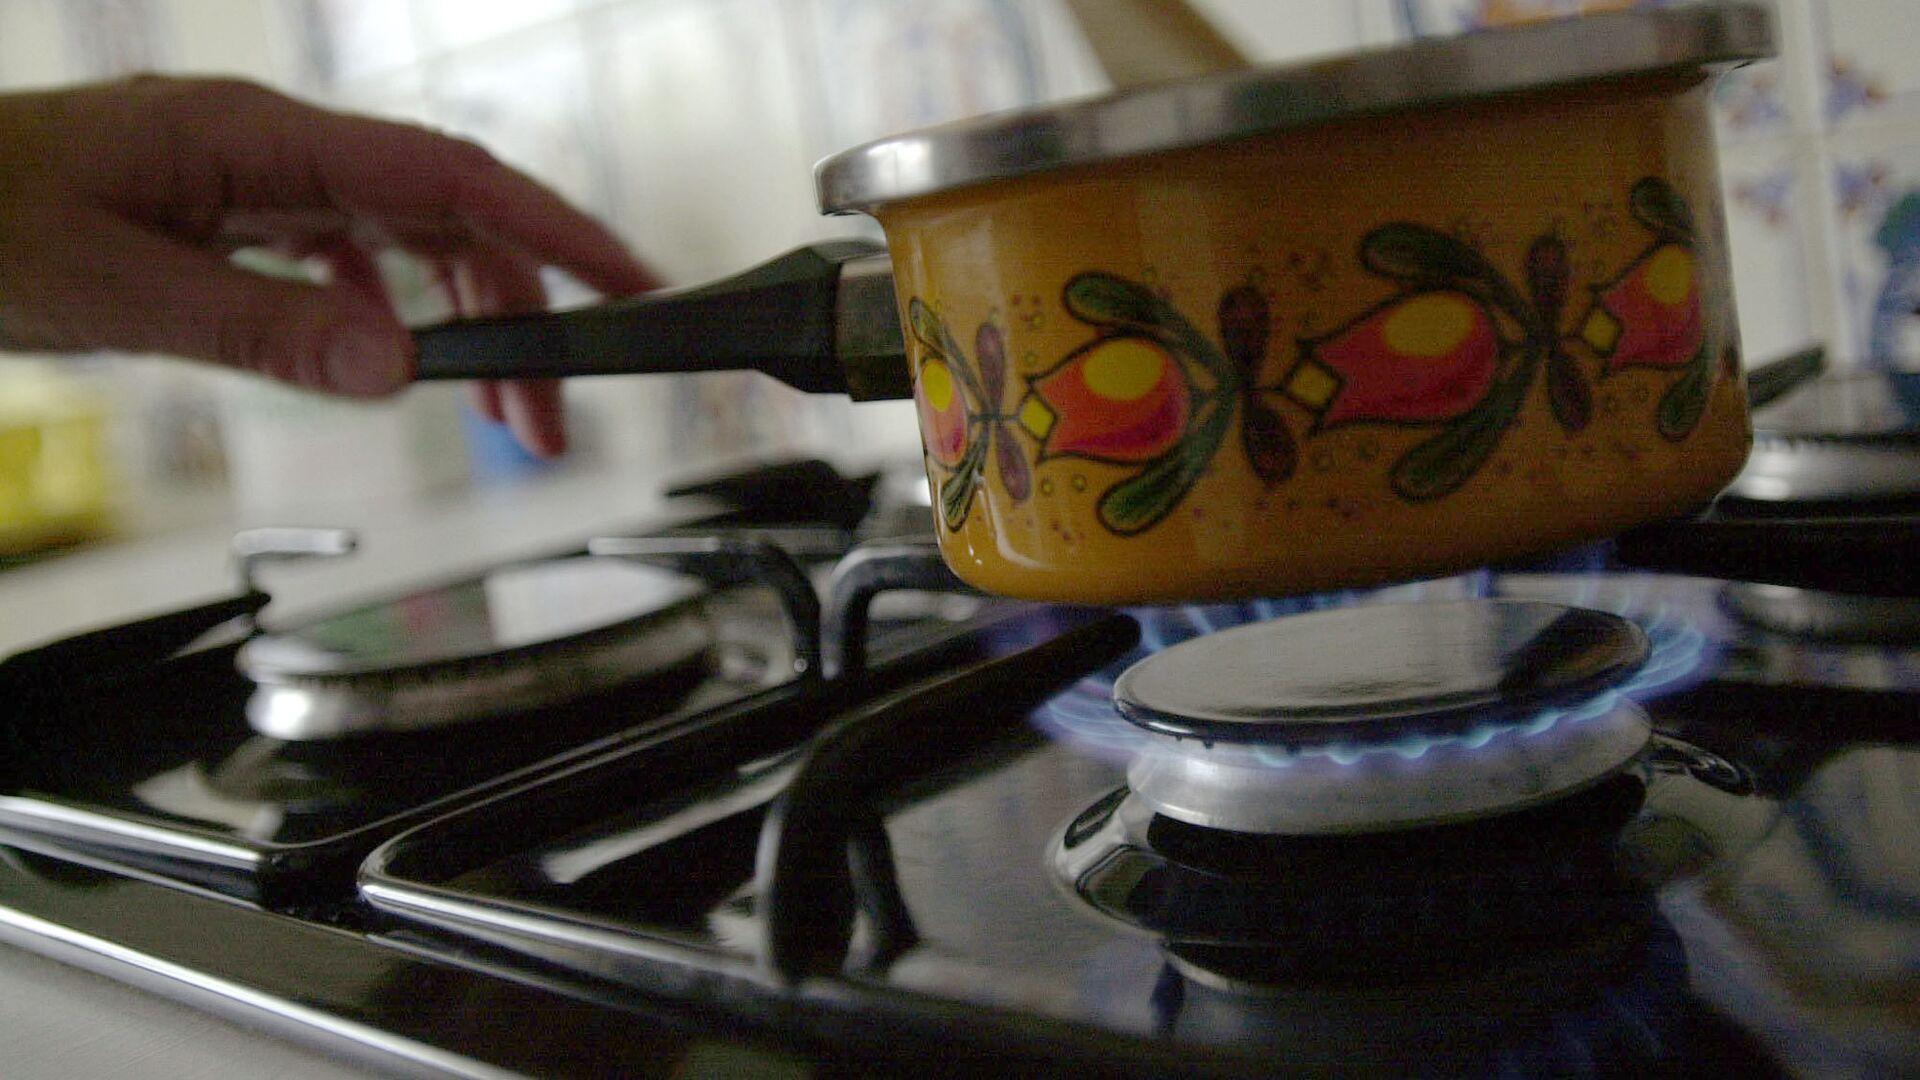 Газовая плита на кухне, фото из архива - Sputnik Азербайджан, 1920, 05.06.2021